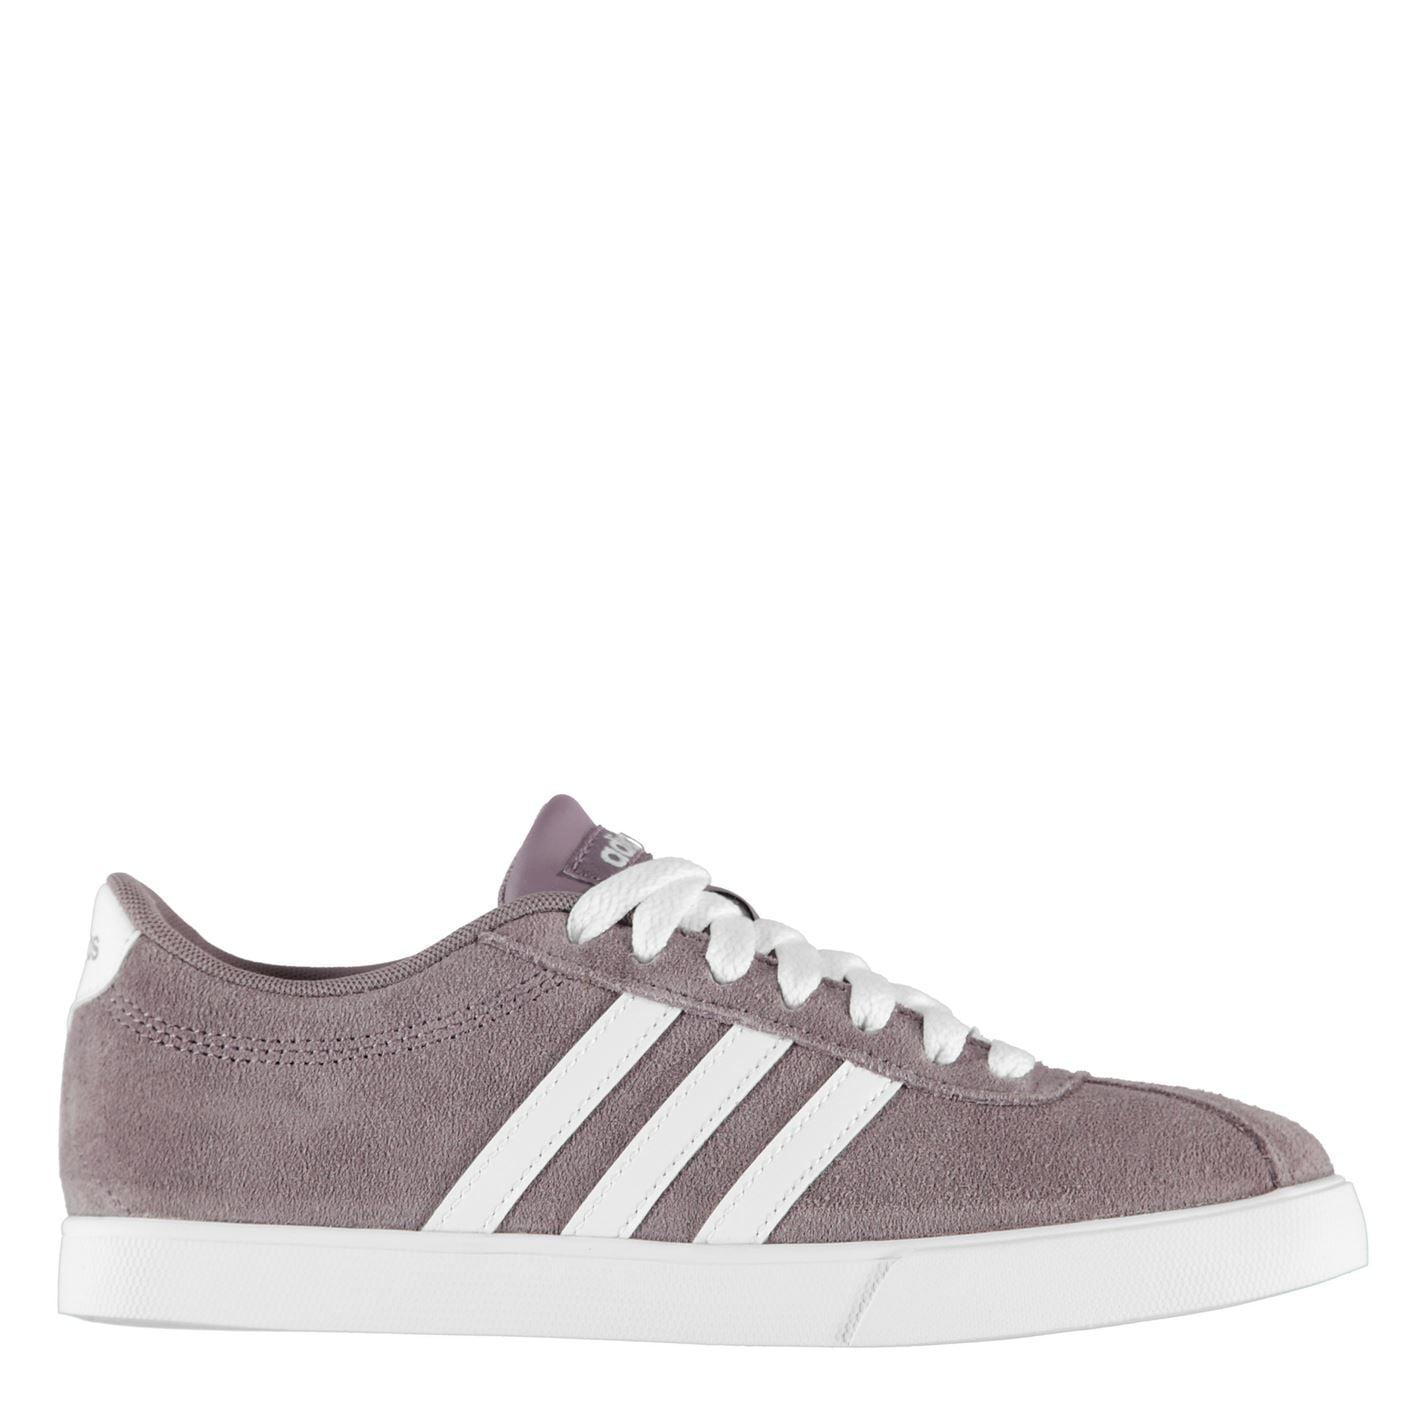 Adidas Court Set Dámská obuv 27543824 5 (38)